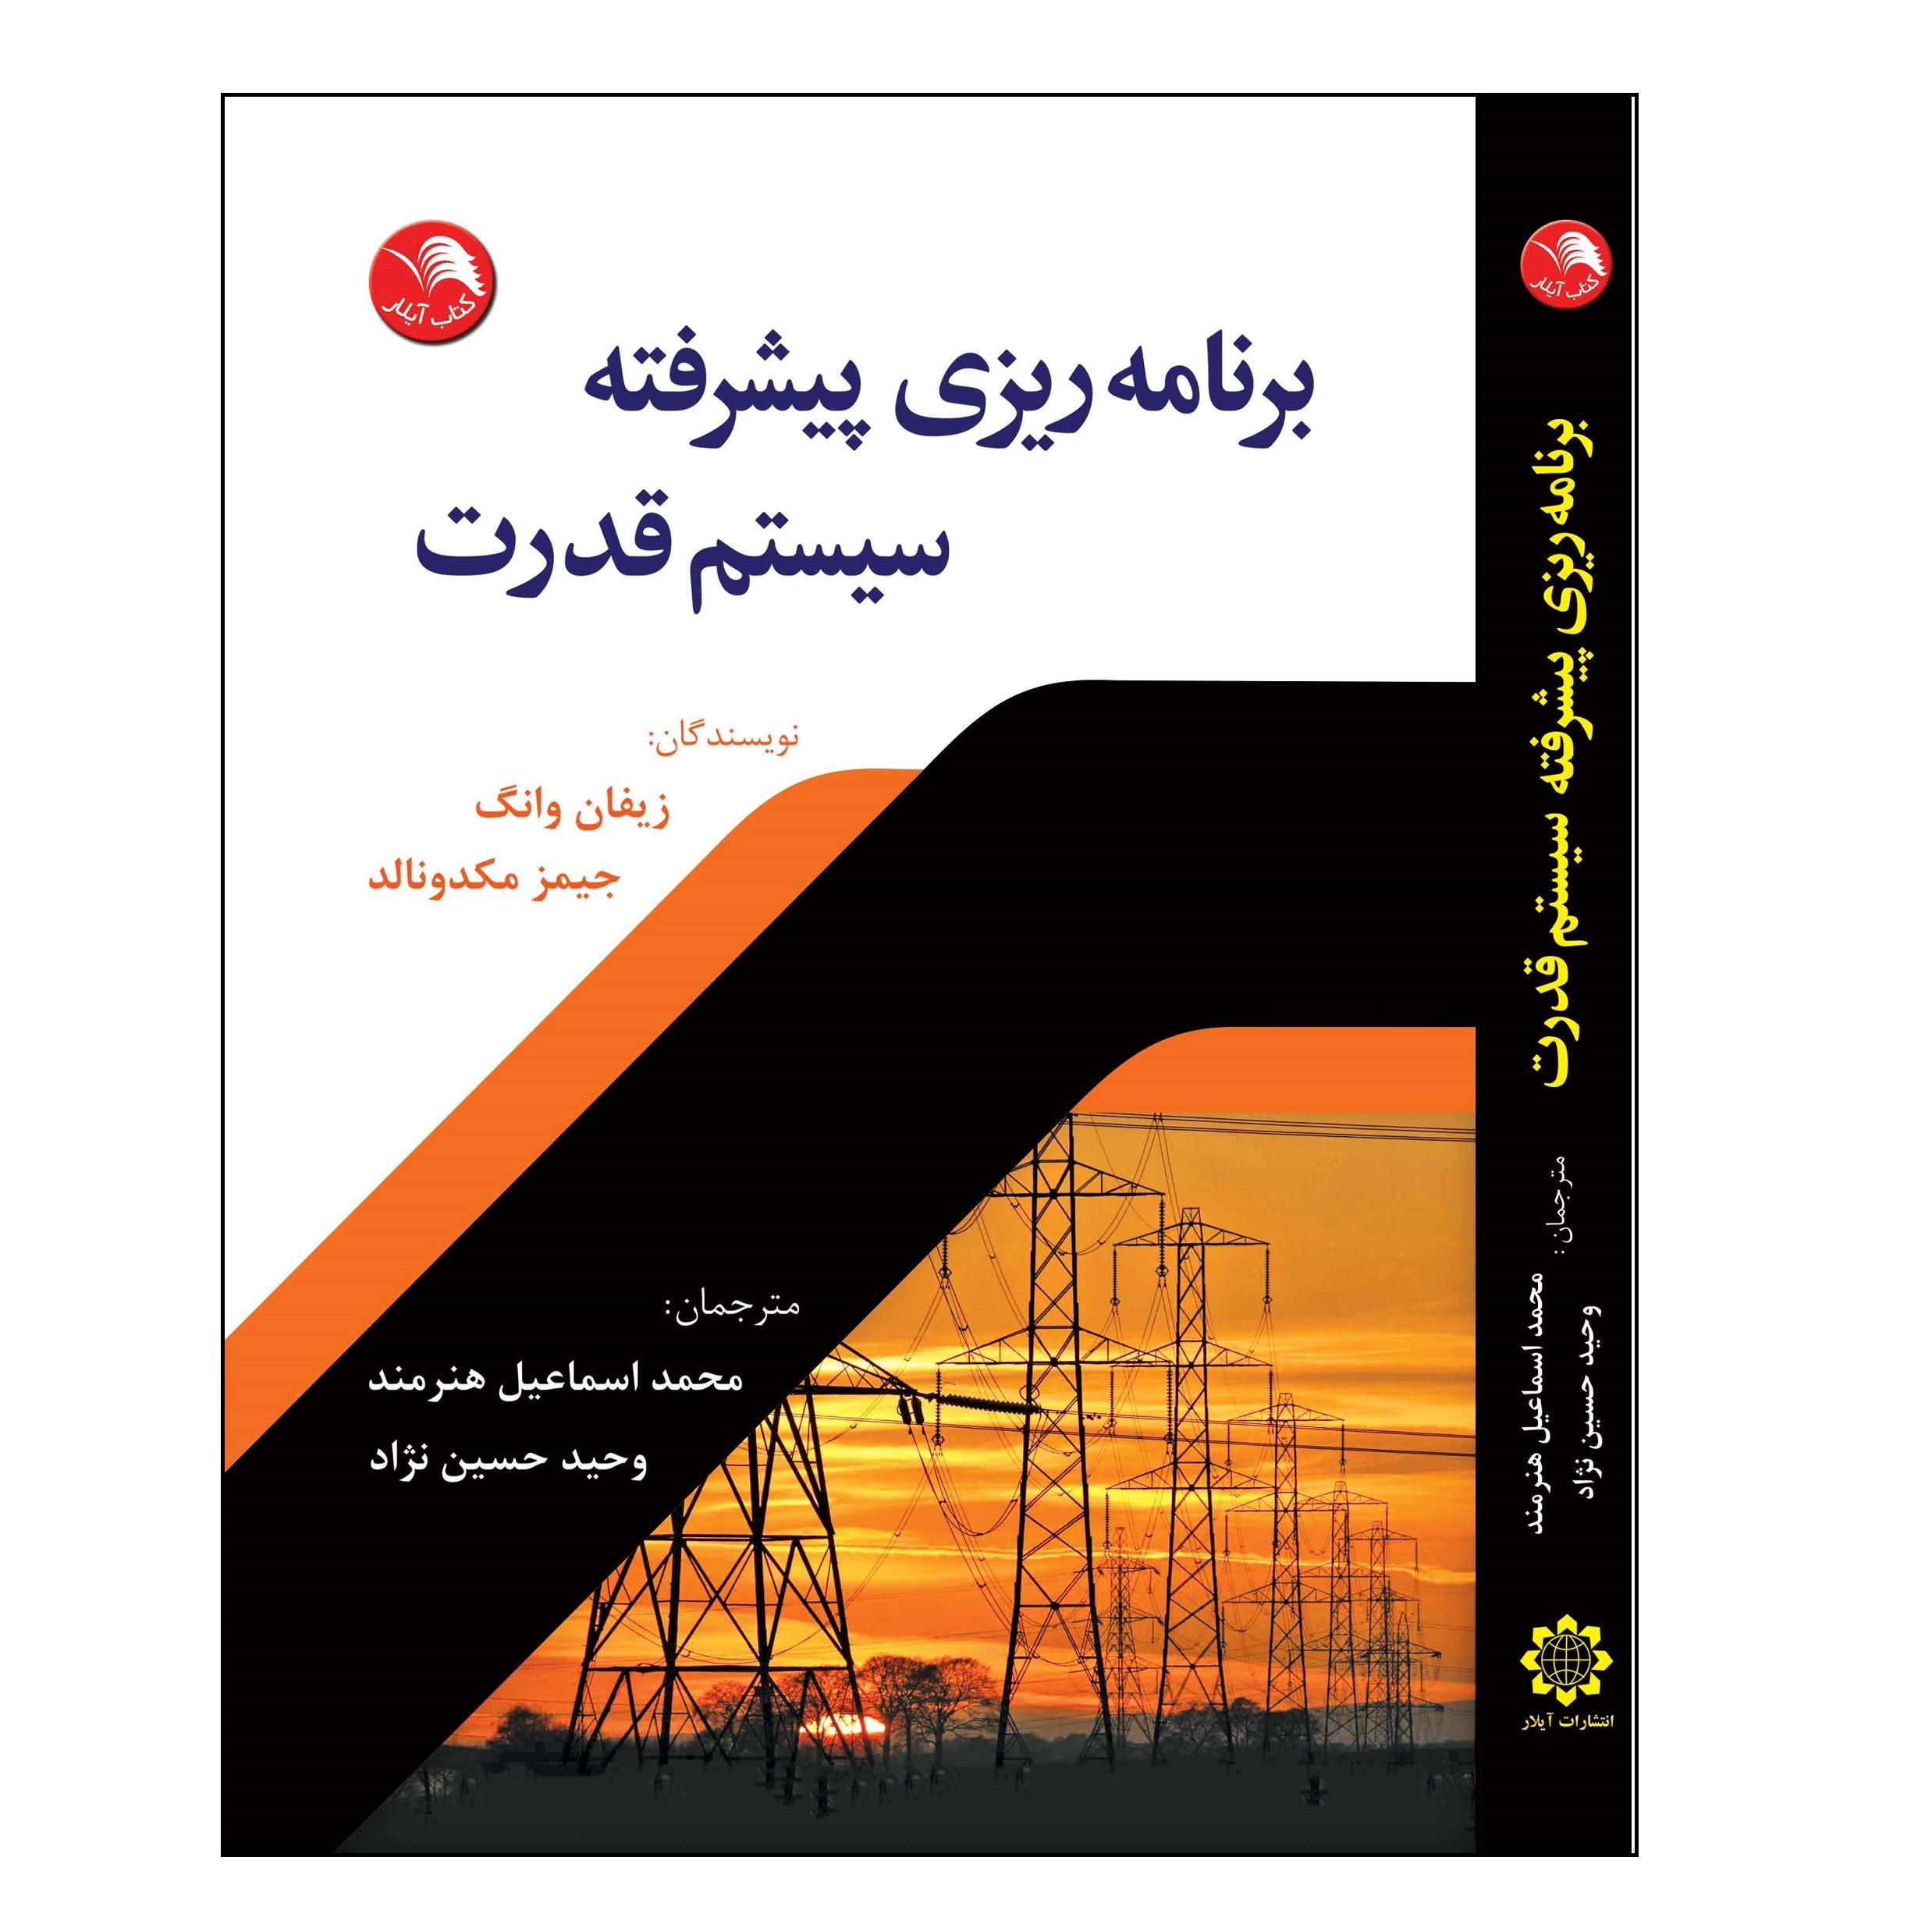 کتاب برنامه ریزی پیشرفته سیستم قدرت اثر زیفان وانگ و جیمیز مک دونالد انتشارات آیلار